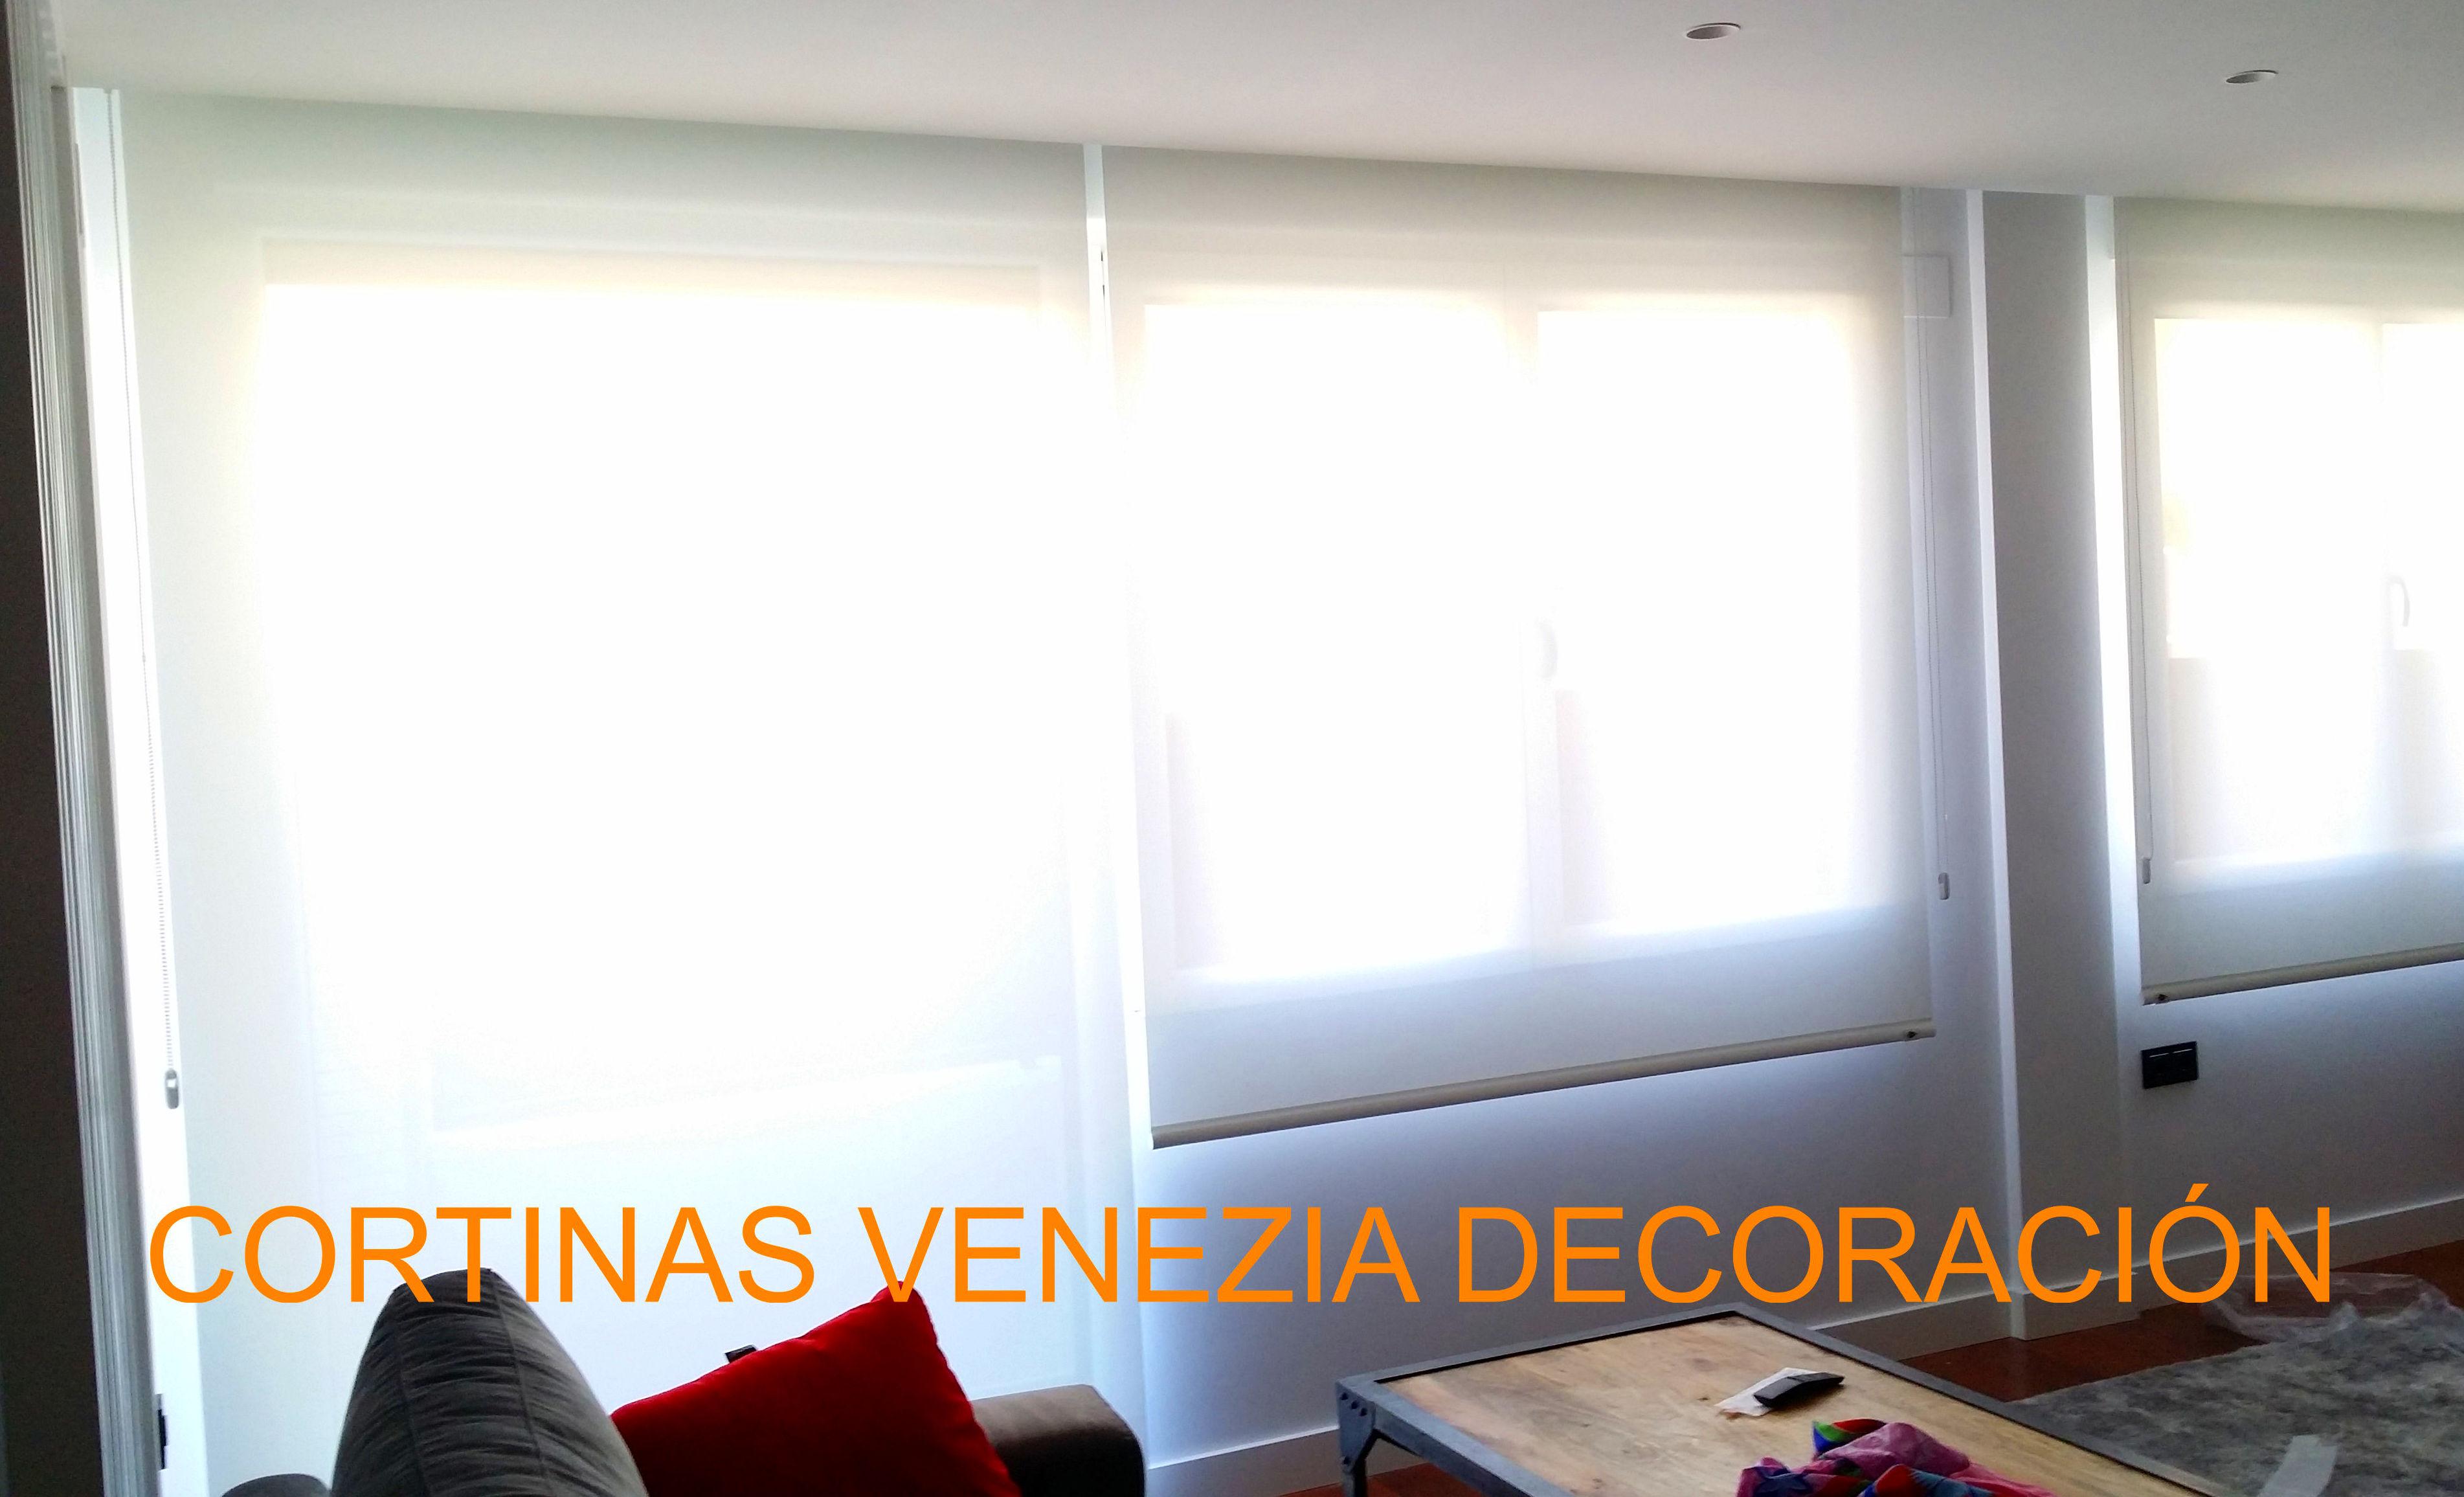 Foto 149 de Cortinas en Albacete | Venezia Decoración